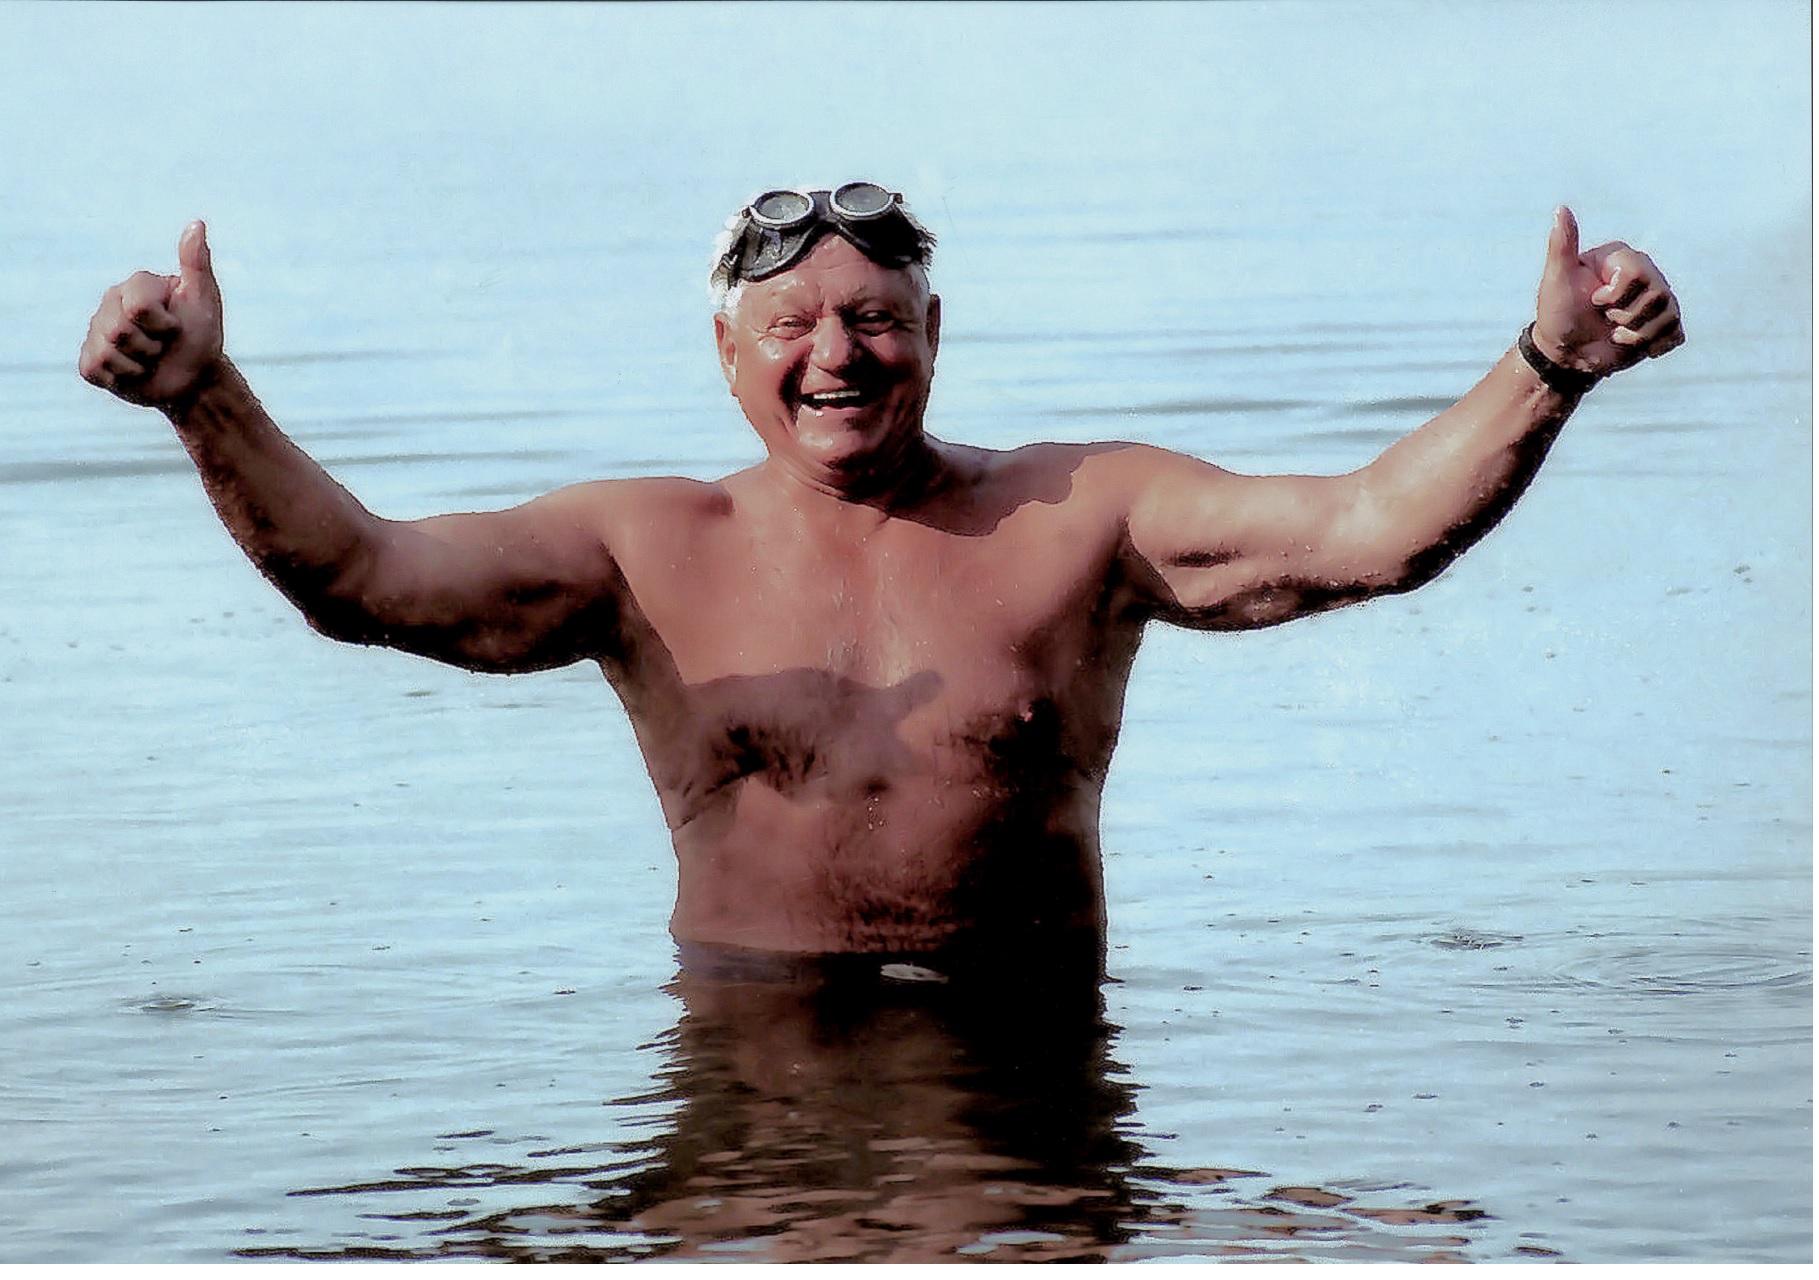 Výstava připomene Františka Venclovského. Světoznámý plavec zemřel před dvaceti lety